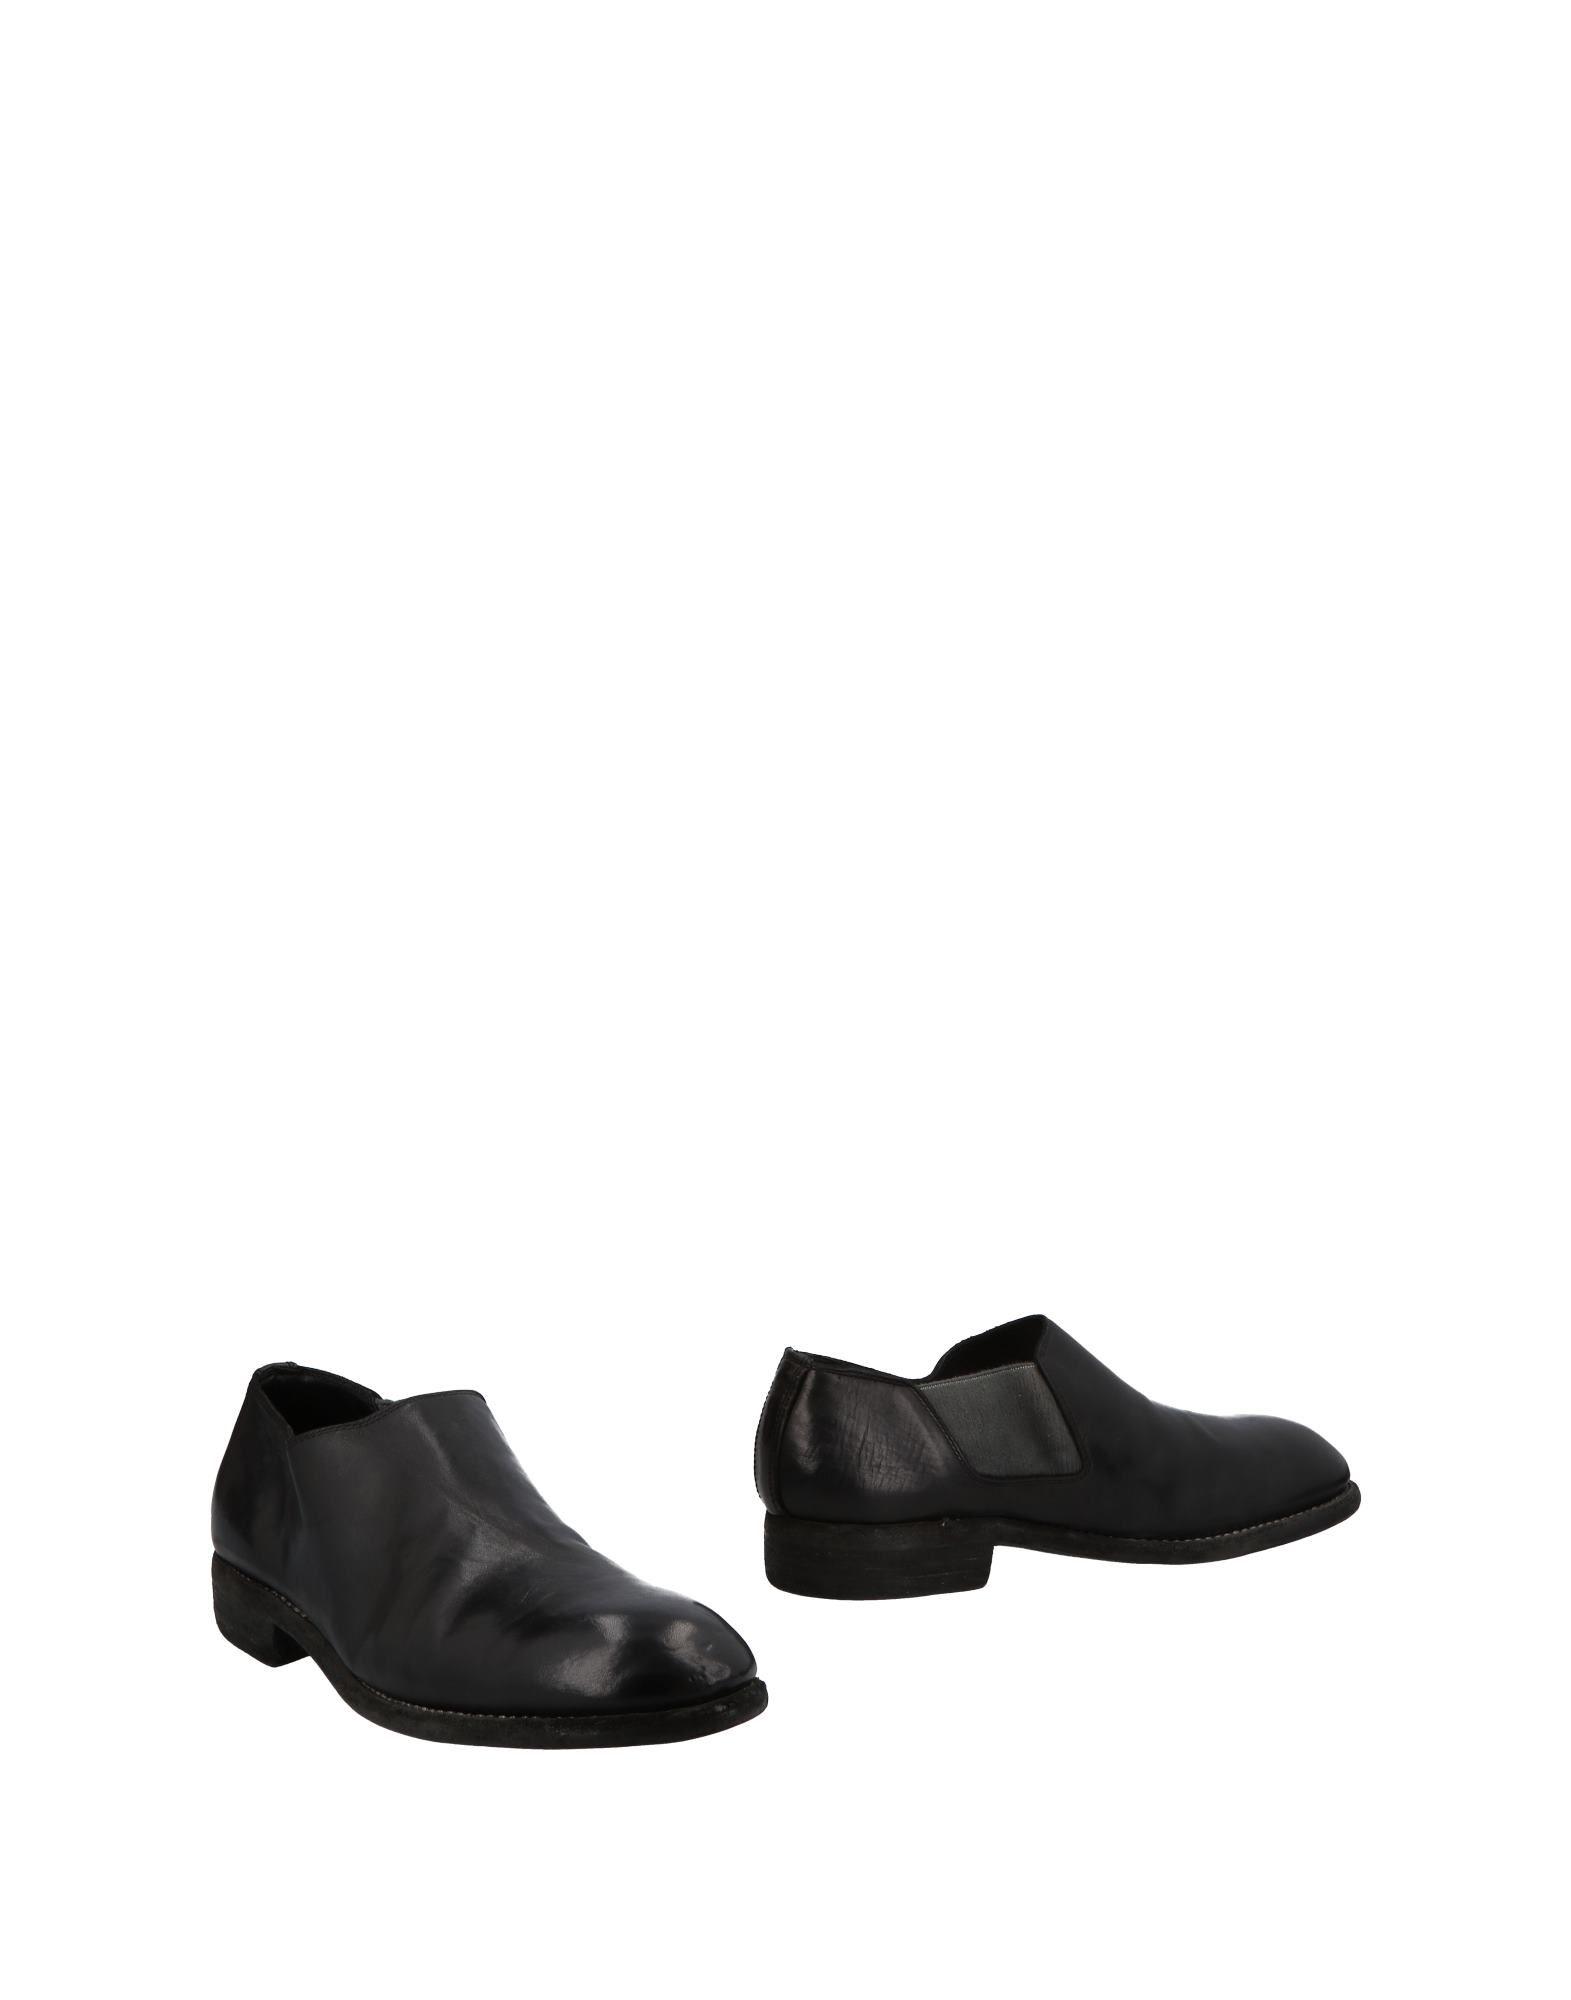 Guidi Mokassins Gute Herren  11489090SJ Gute Mokassins Qualität beliebte Schuhe 44faab